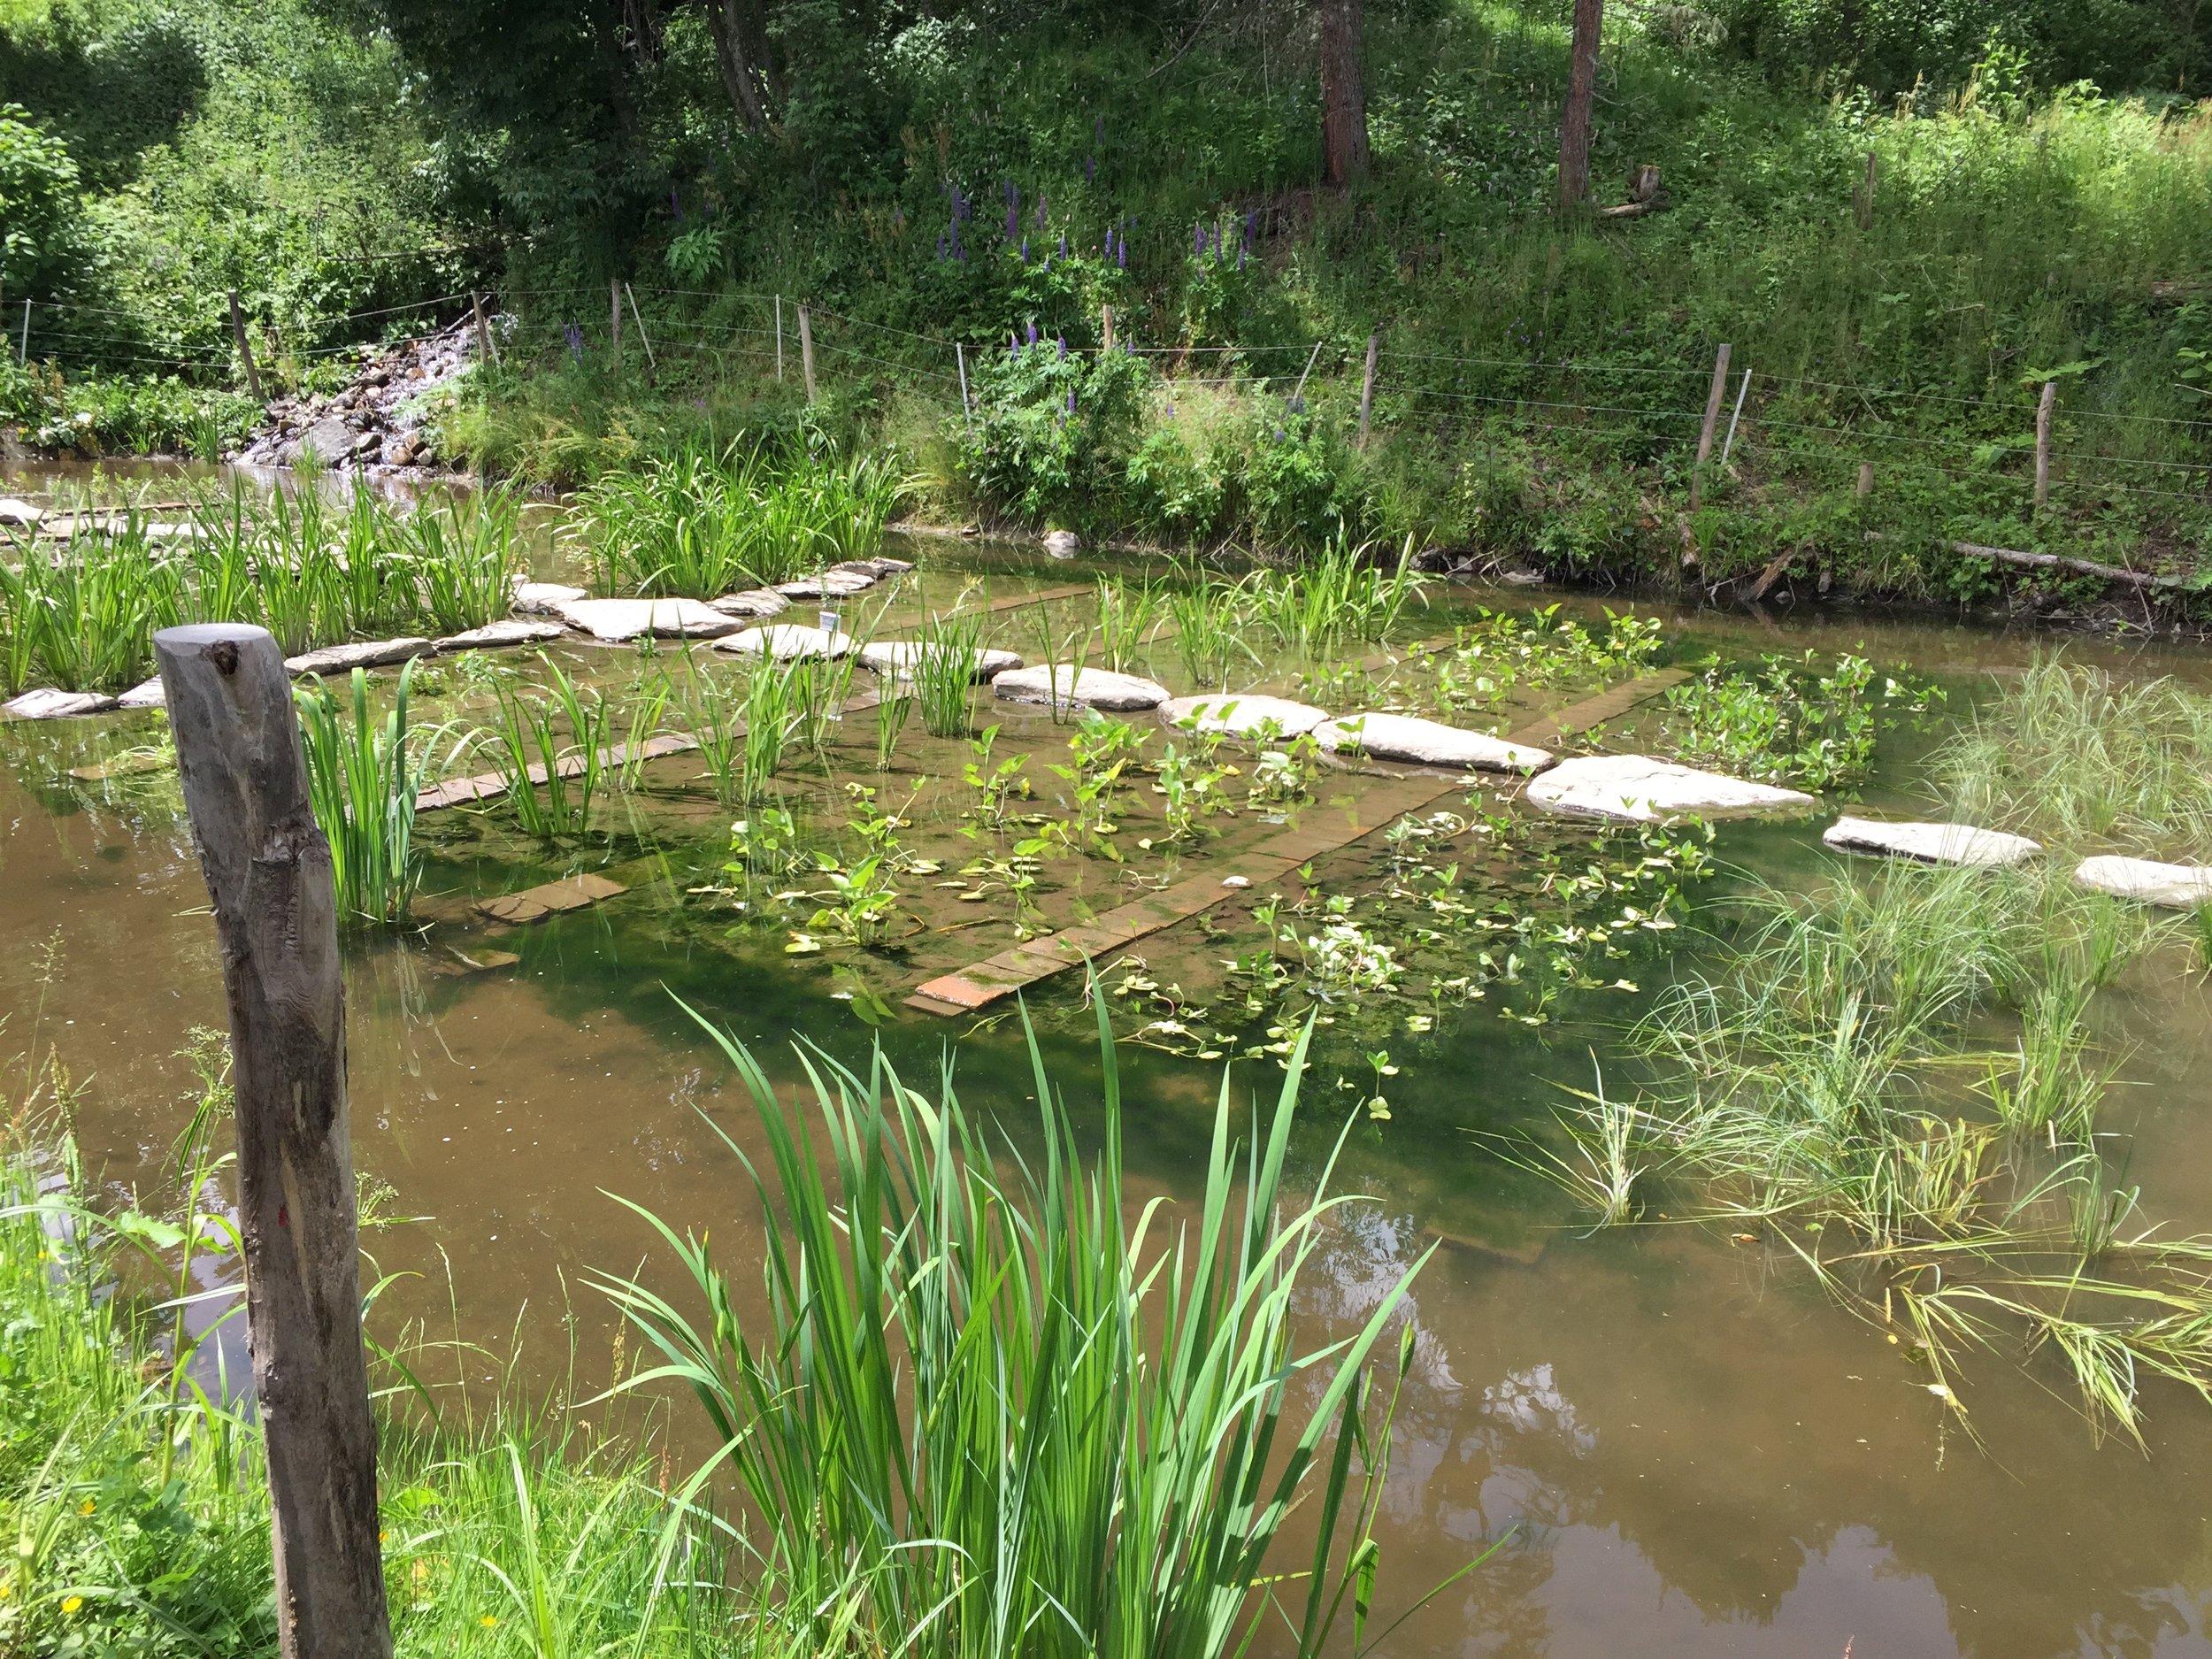 v mělkém rybníku pro chov raků se pěstují vodní bylinky, které prodávají do vyhlášených restaurací